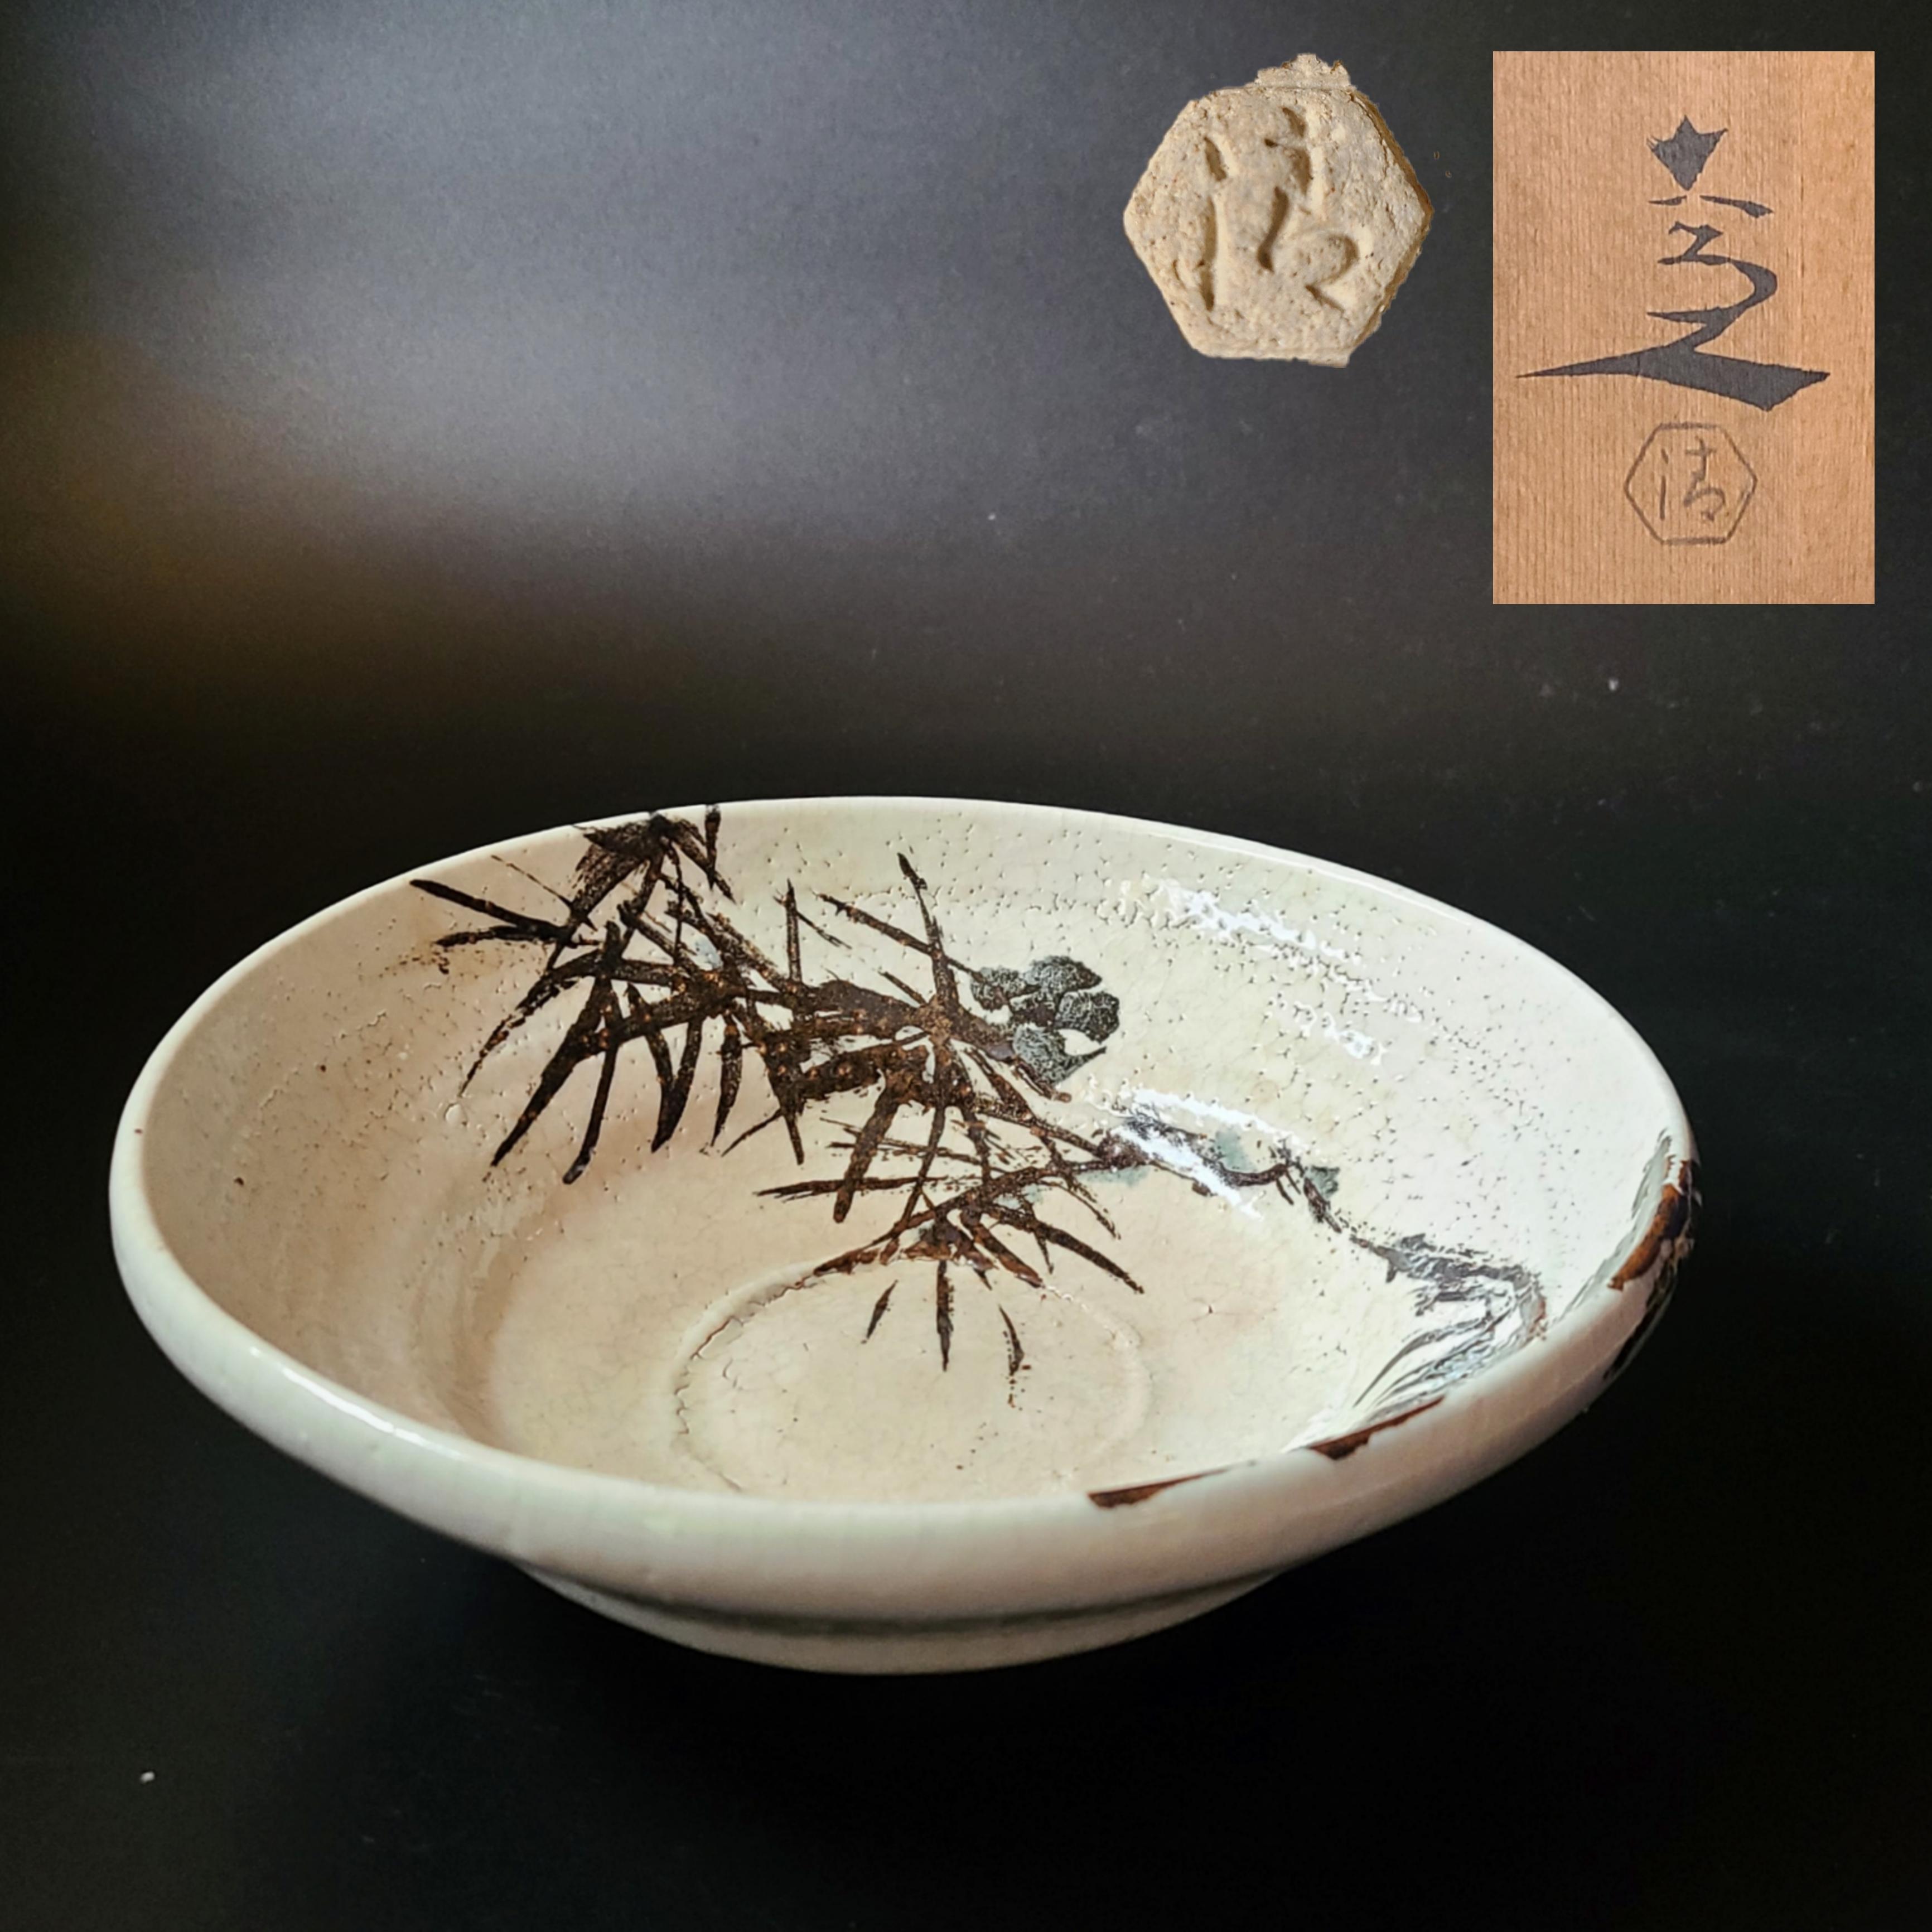 茶道具 松画 菓子鉢 六代 清水六兵衛 共箱 共布 菓子器 陶芸 京焼 工芸品